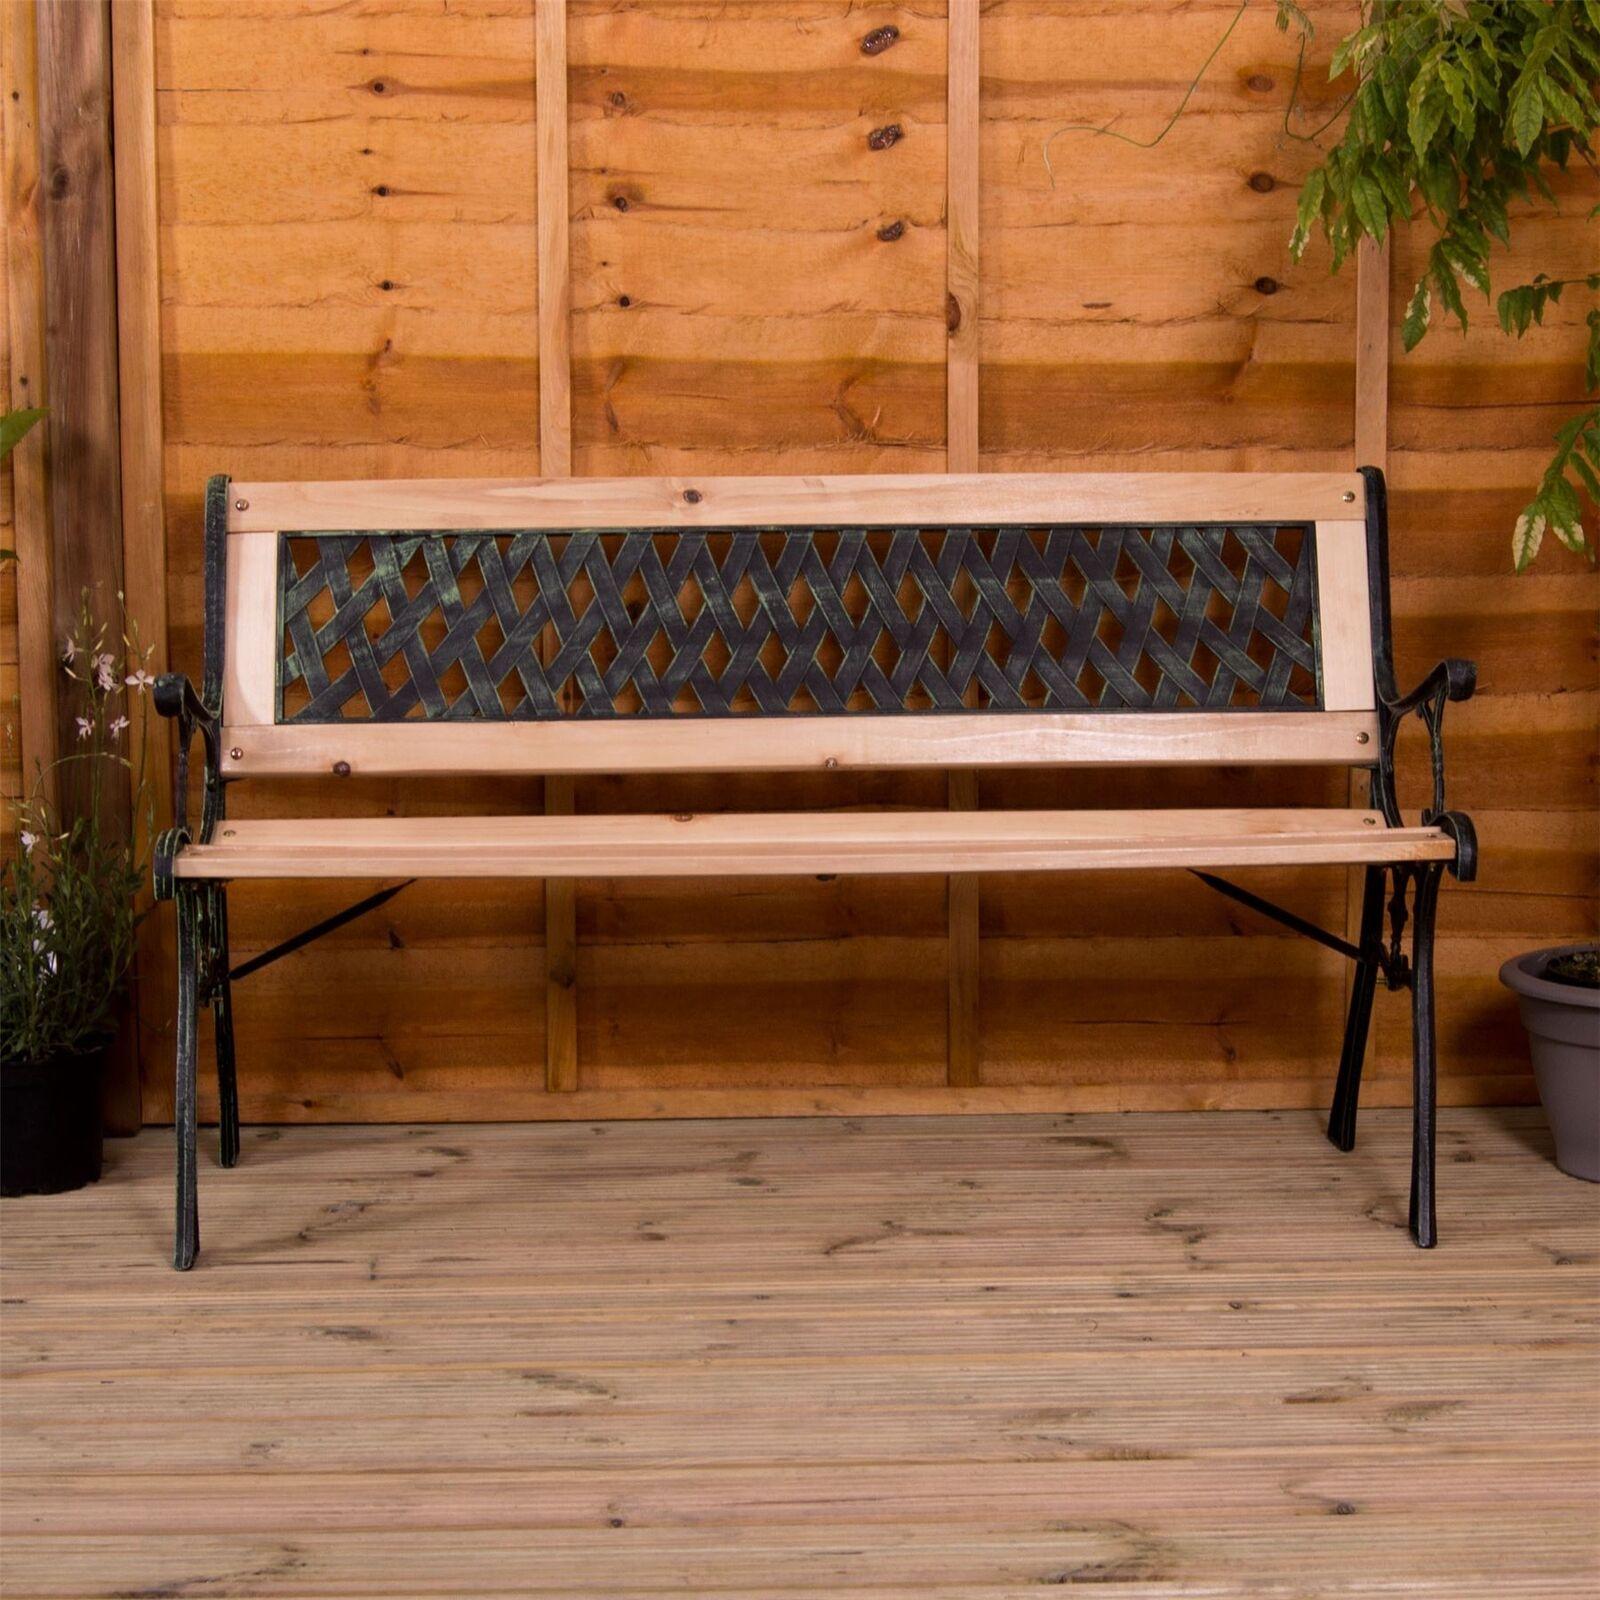 Panca da giardino 3 posti in legno in ghisa per esterni da giardino sedia poltrona mobili Cross